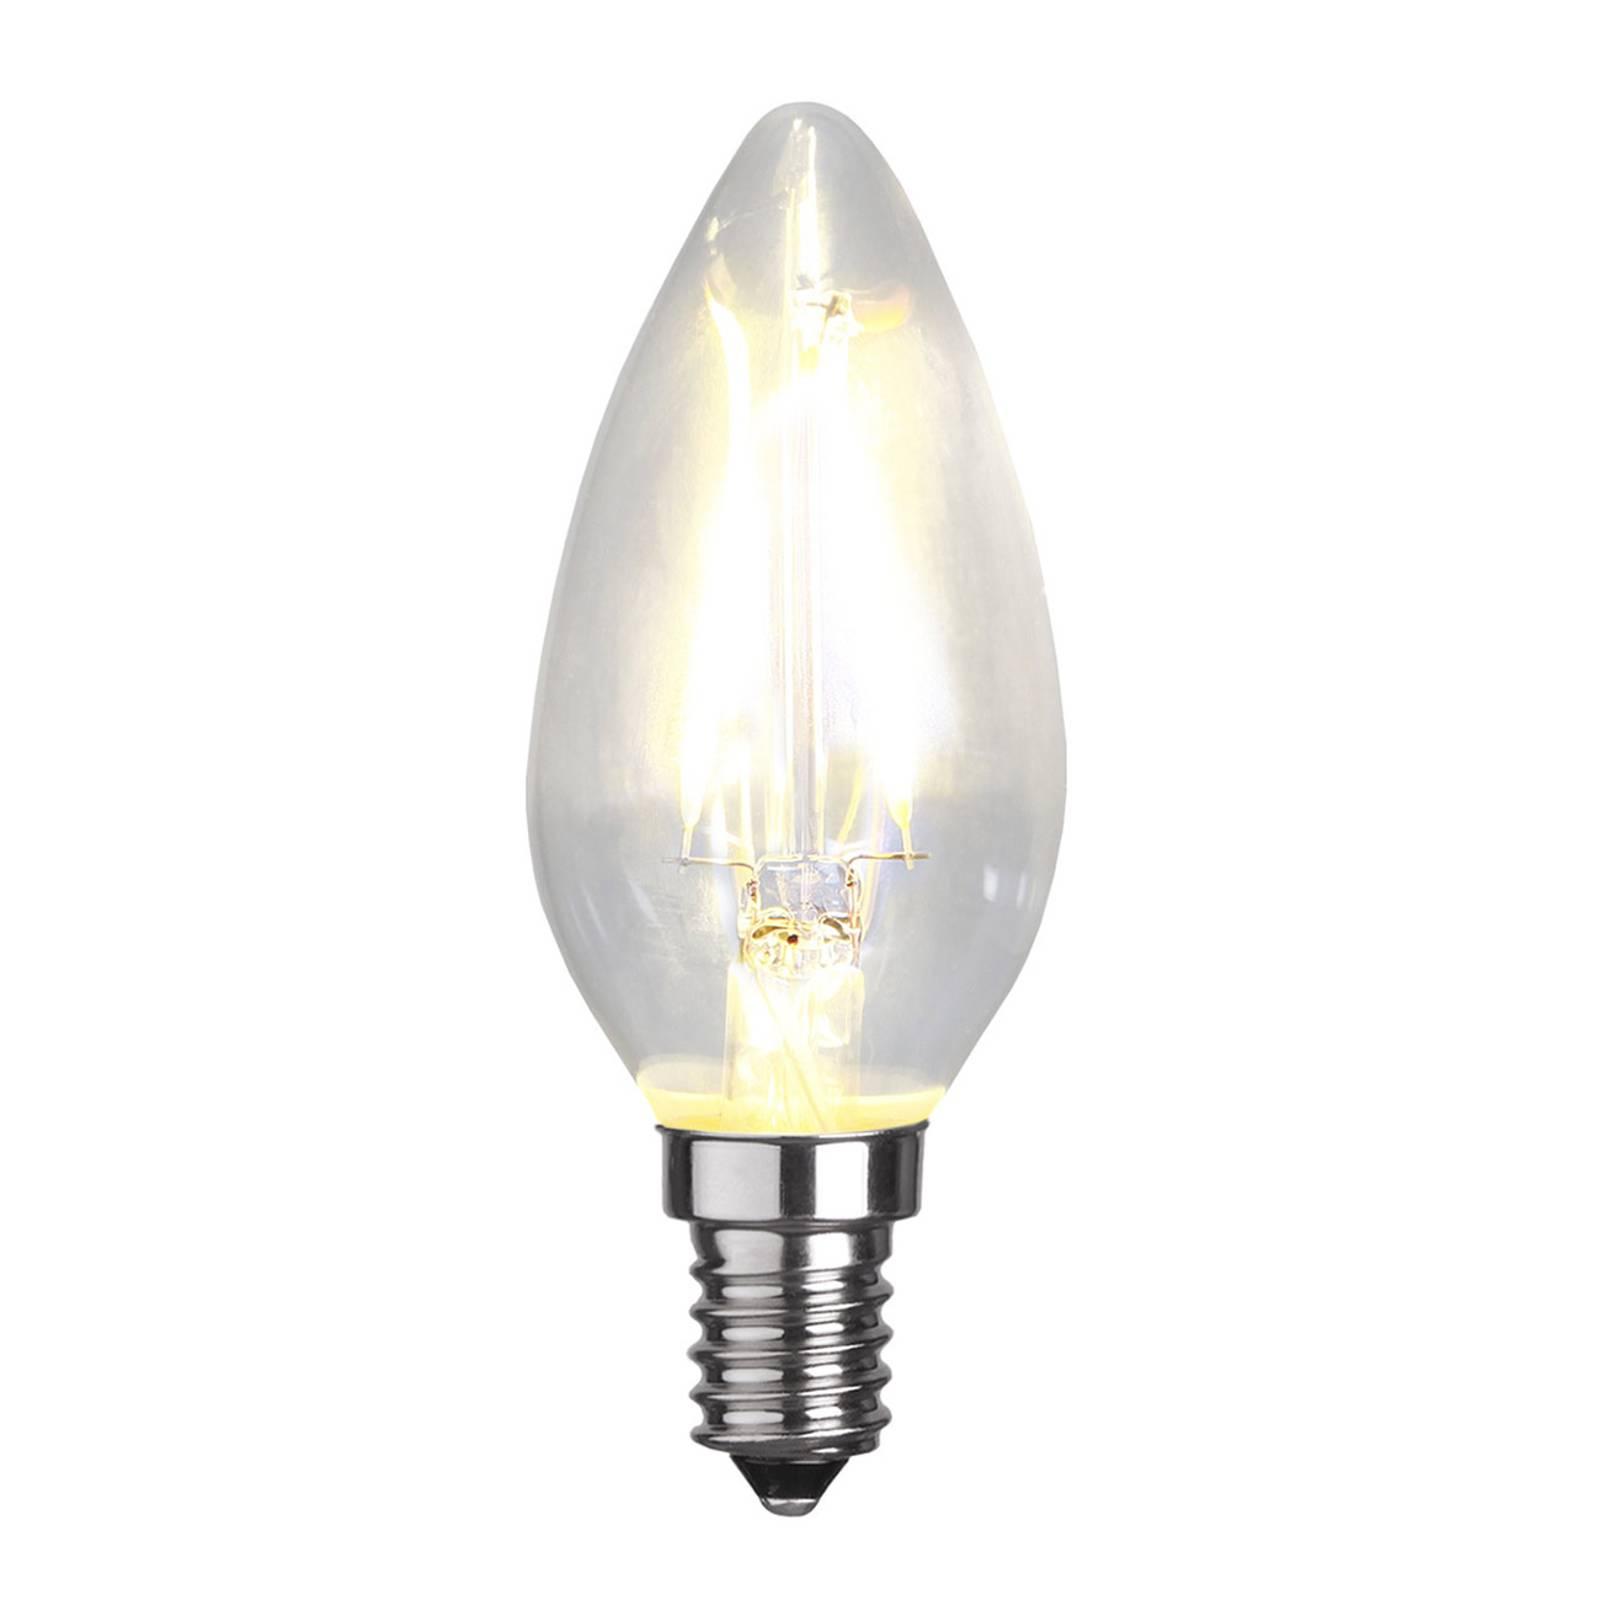 LED-kynttilälamppu E14 B35 2W 2700K 250 lm